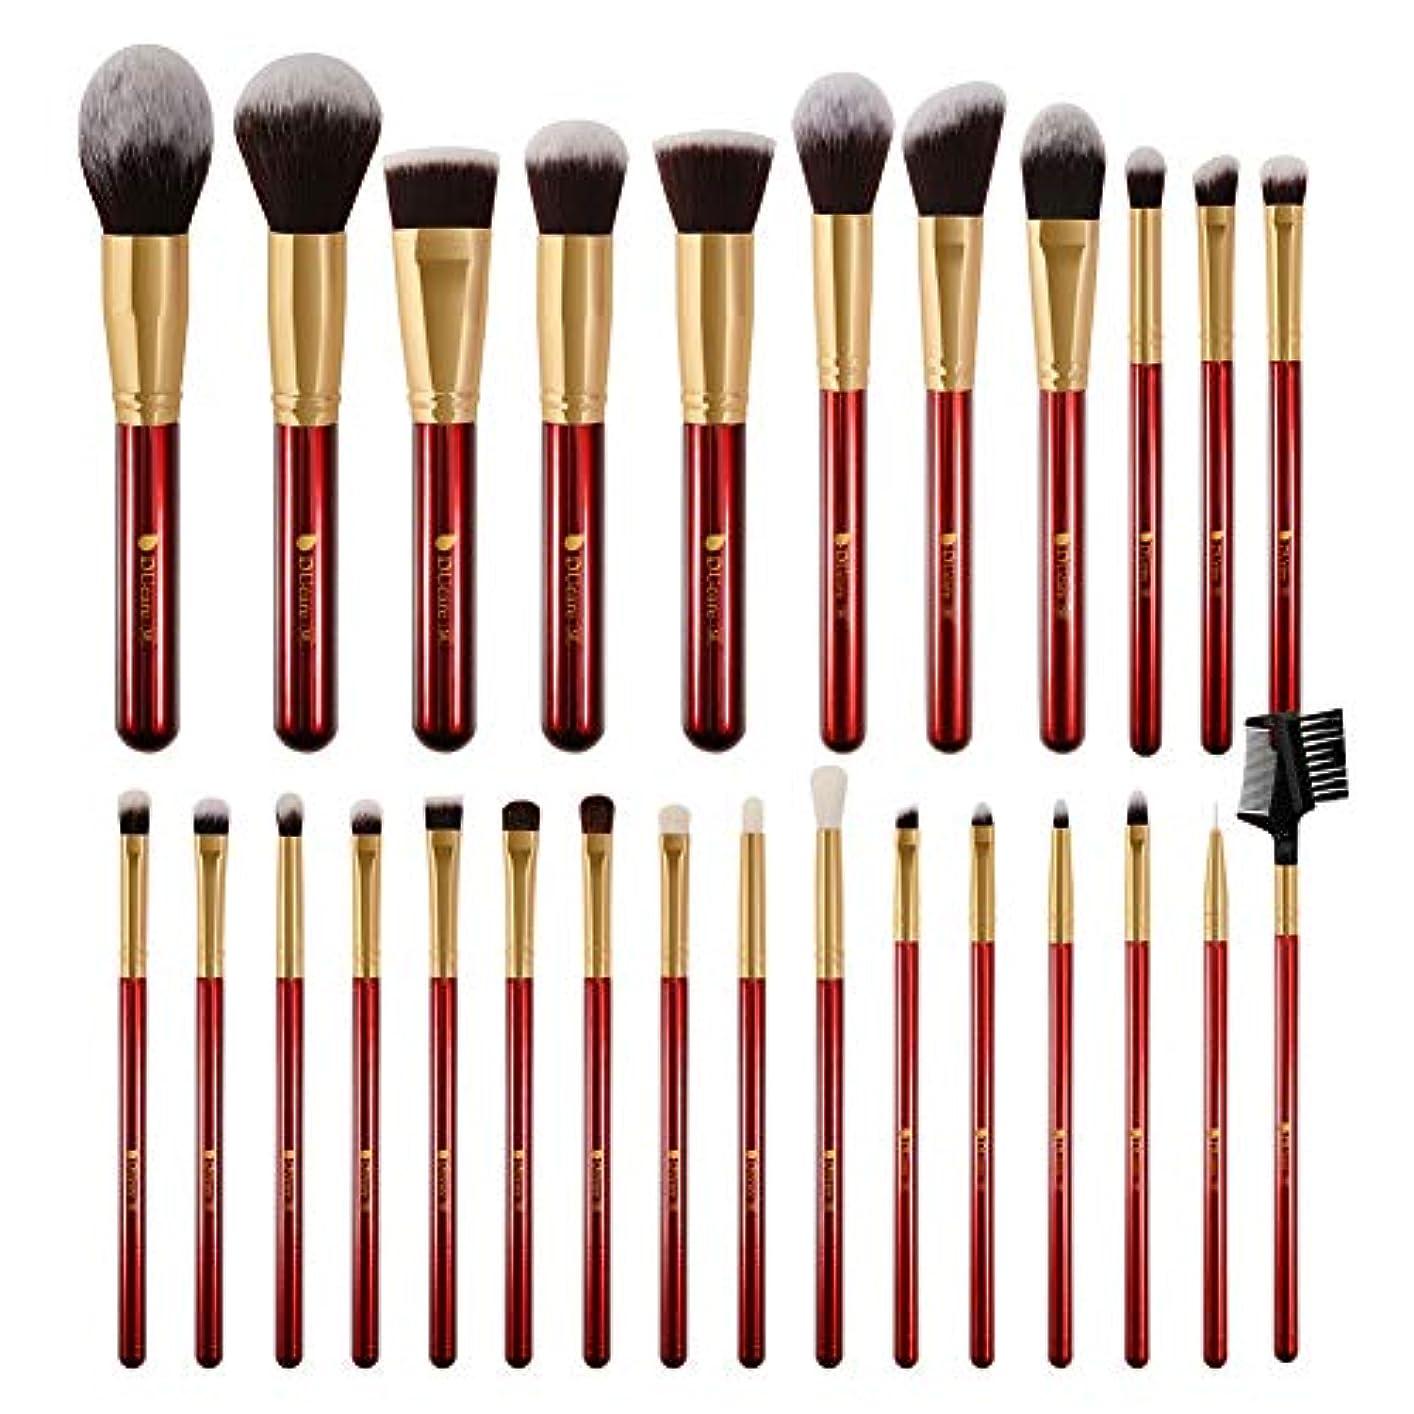 セーター話をするアリーナDUcare ドゥケア メイクブラシ 27本セット 化粧筆 フェイスブラシ PBT毛&天然毛 (赤) 同シリーズでブラックあり